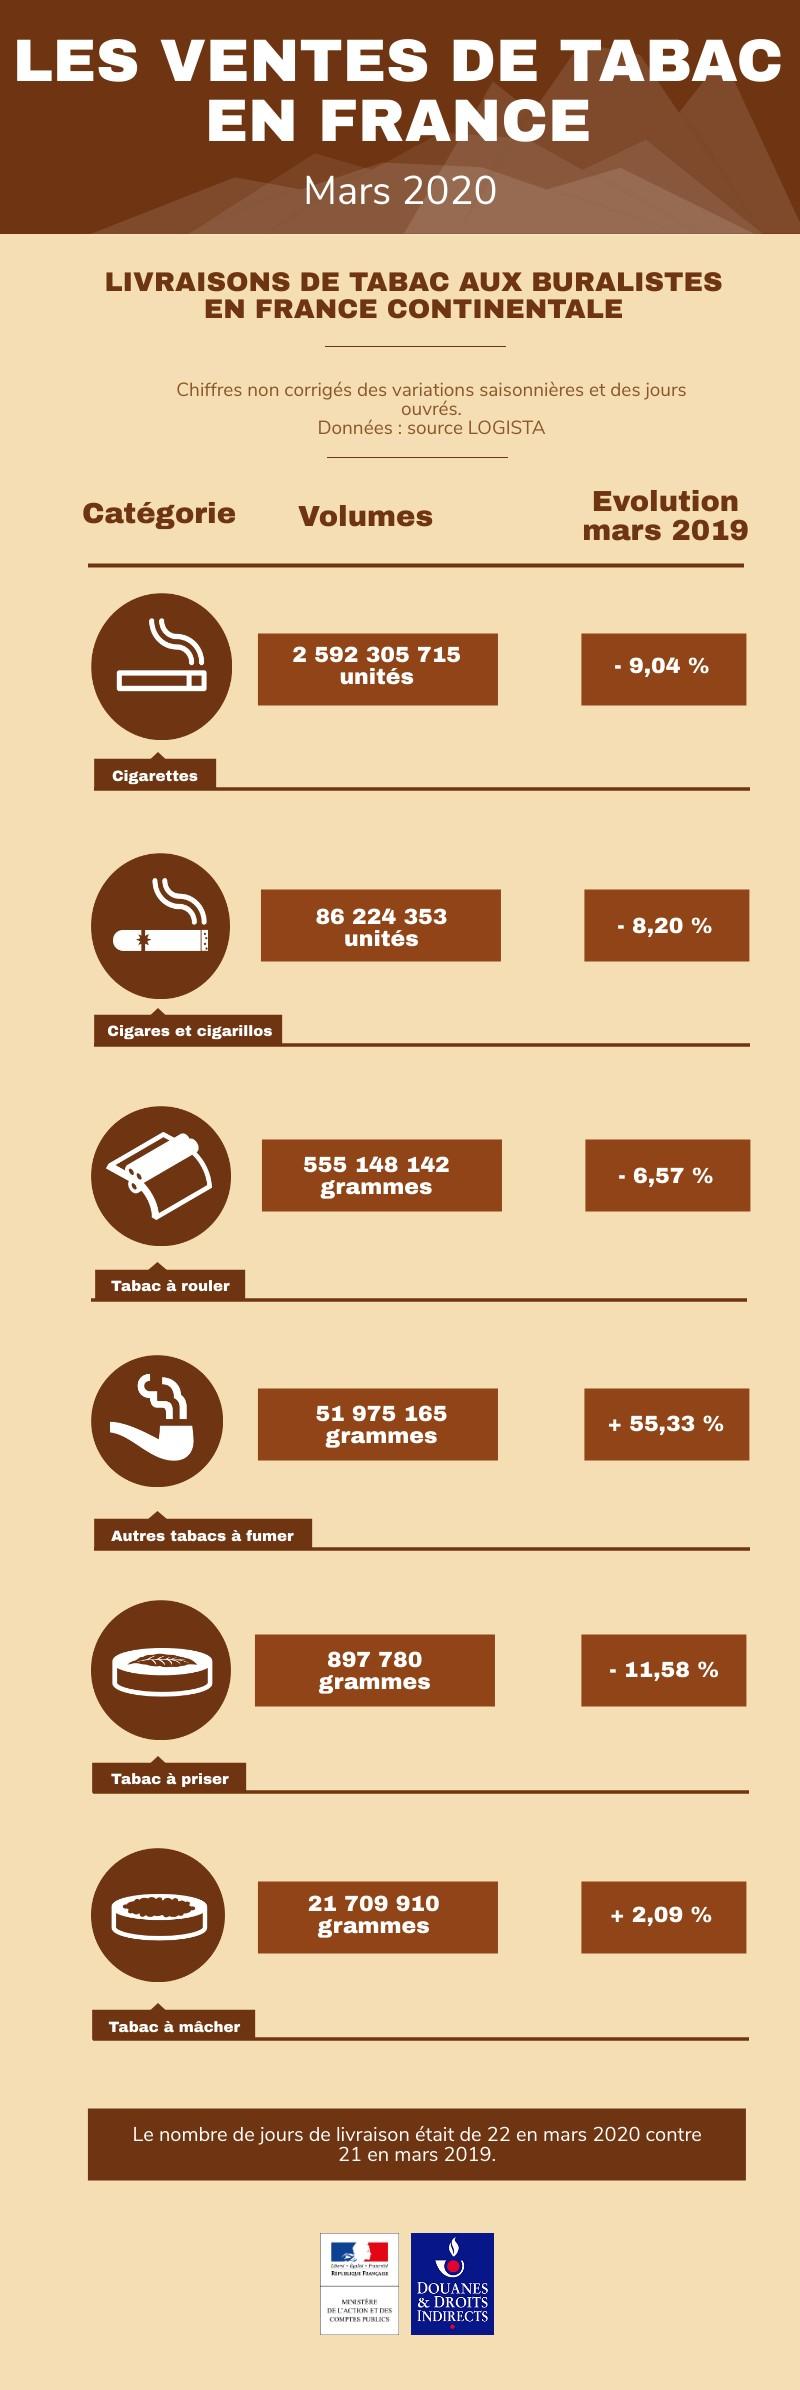 Infographie des ventes de tabacs en France continentale en mars 2020